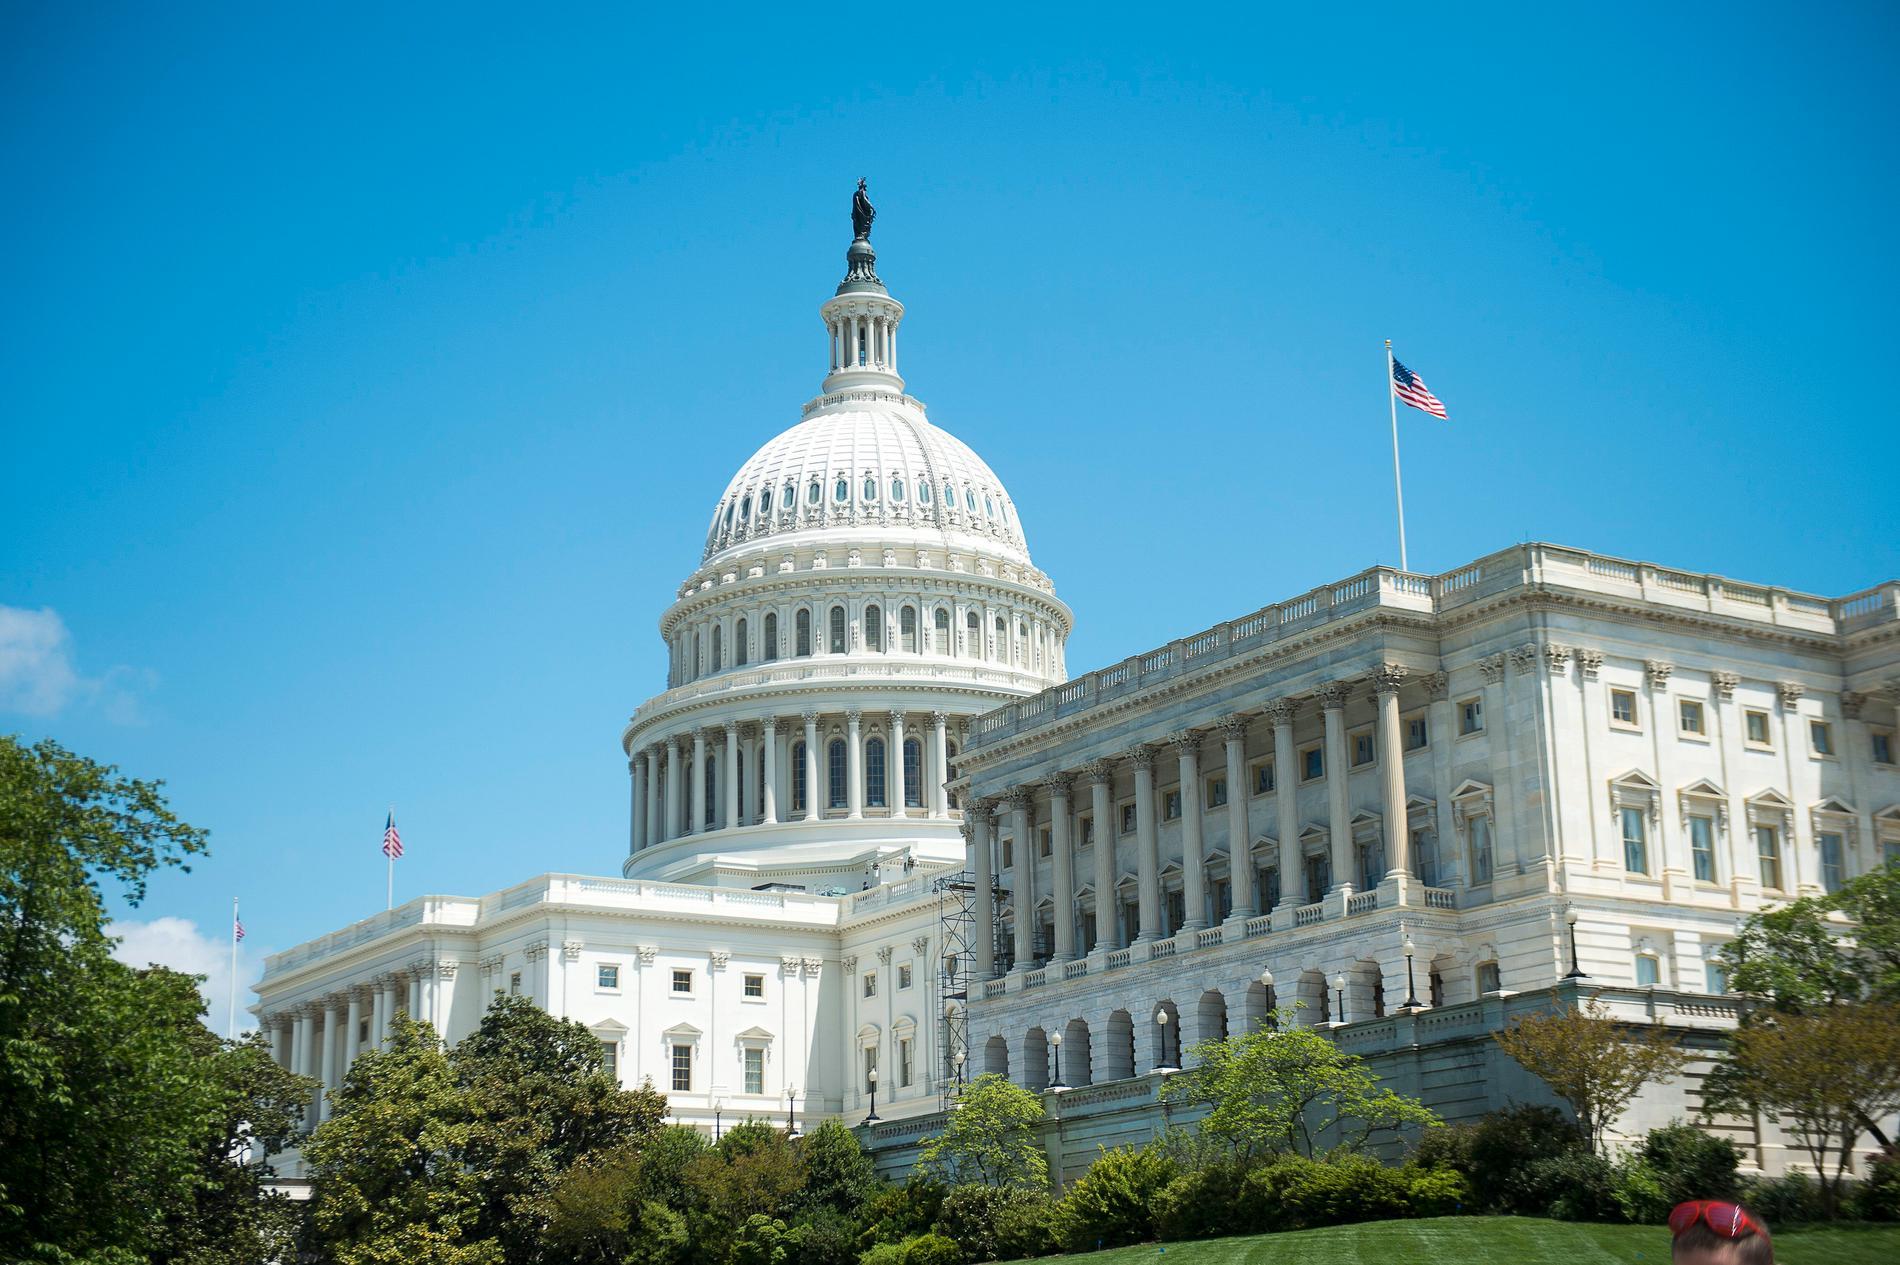 Hit vill kandidaterna i mellanårsvalet. Kongressbyggnaden Capitolium i USA:s huvudstad Washington DC.